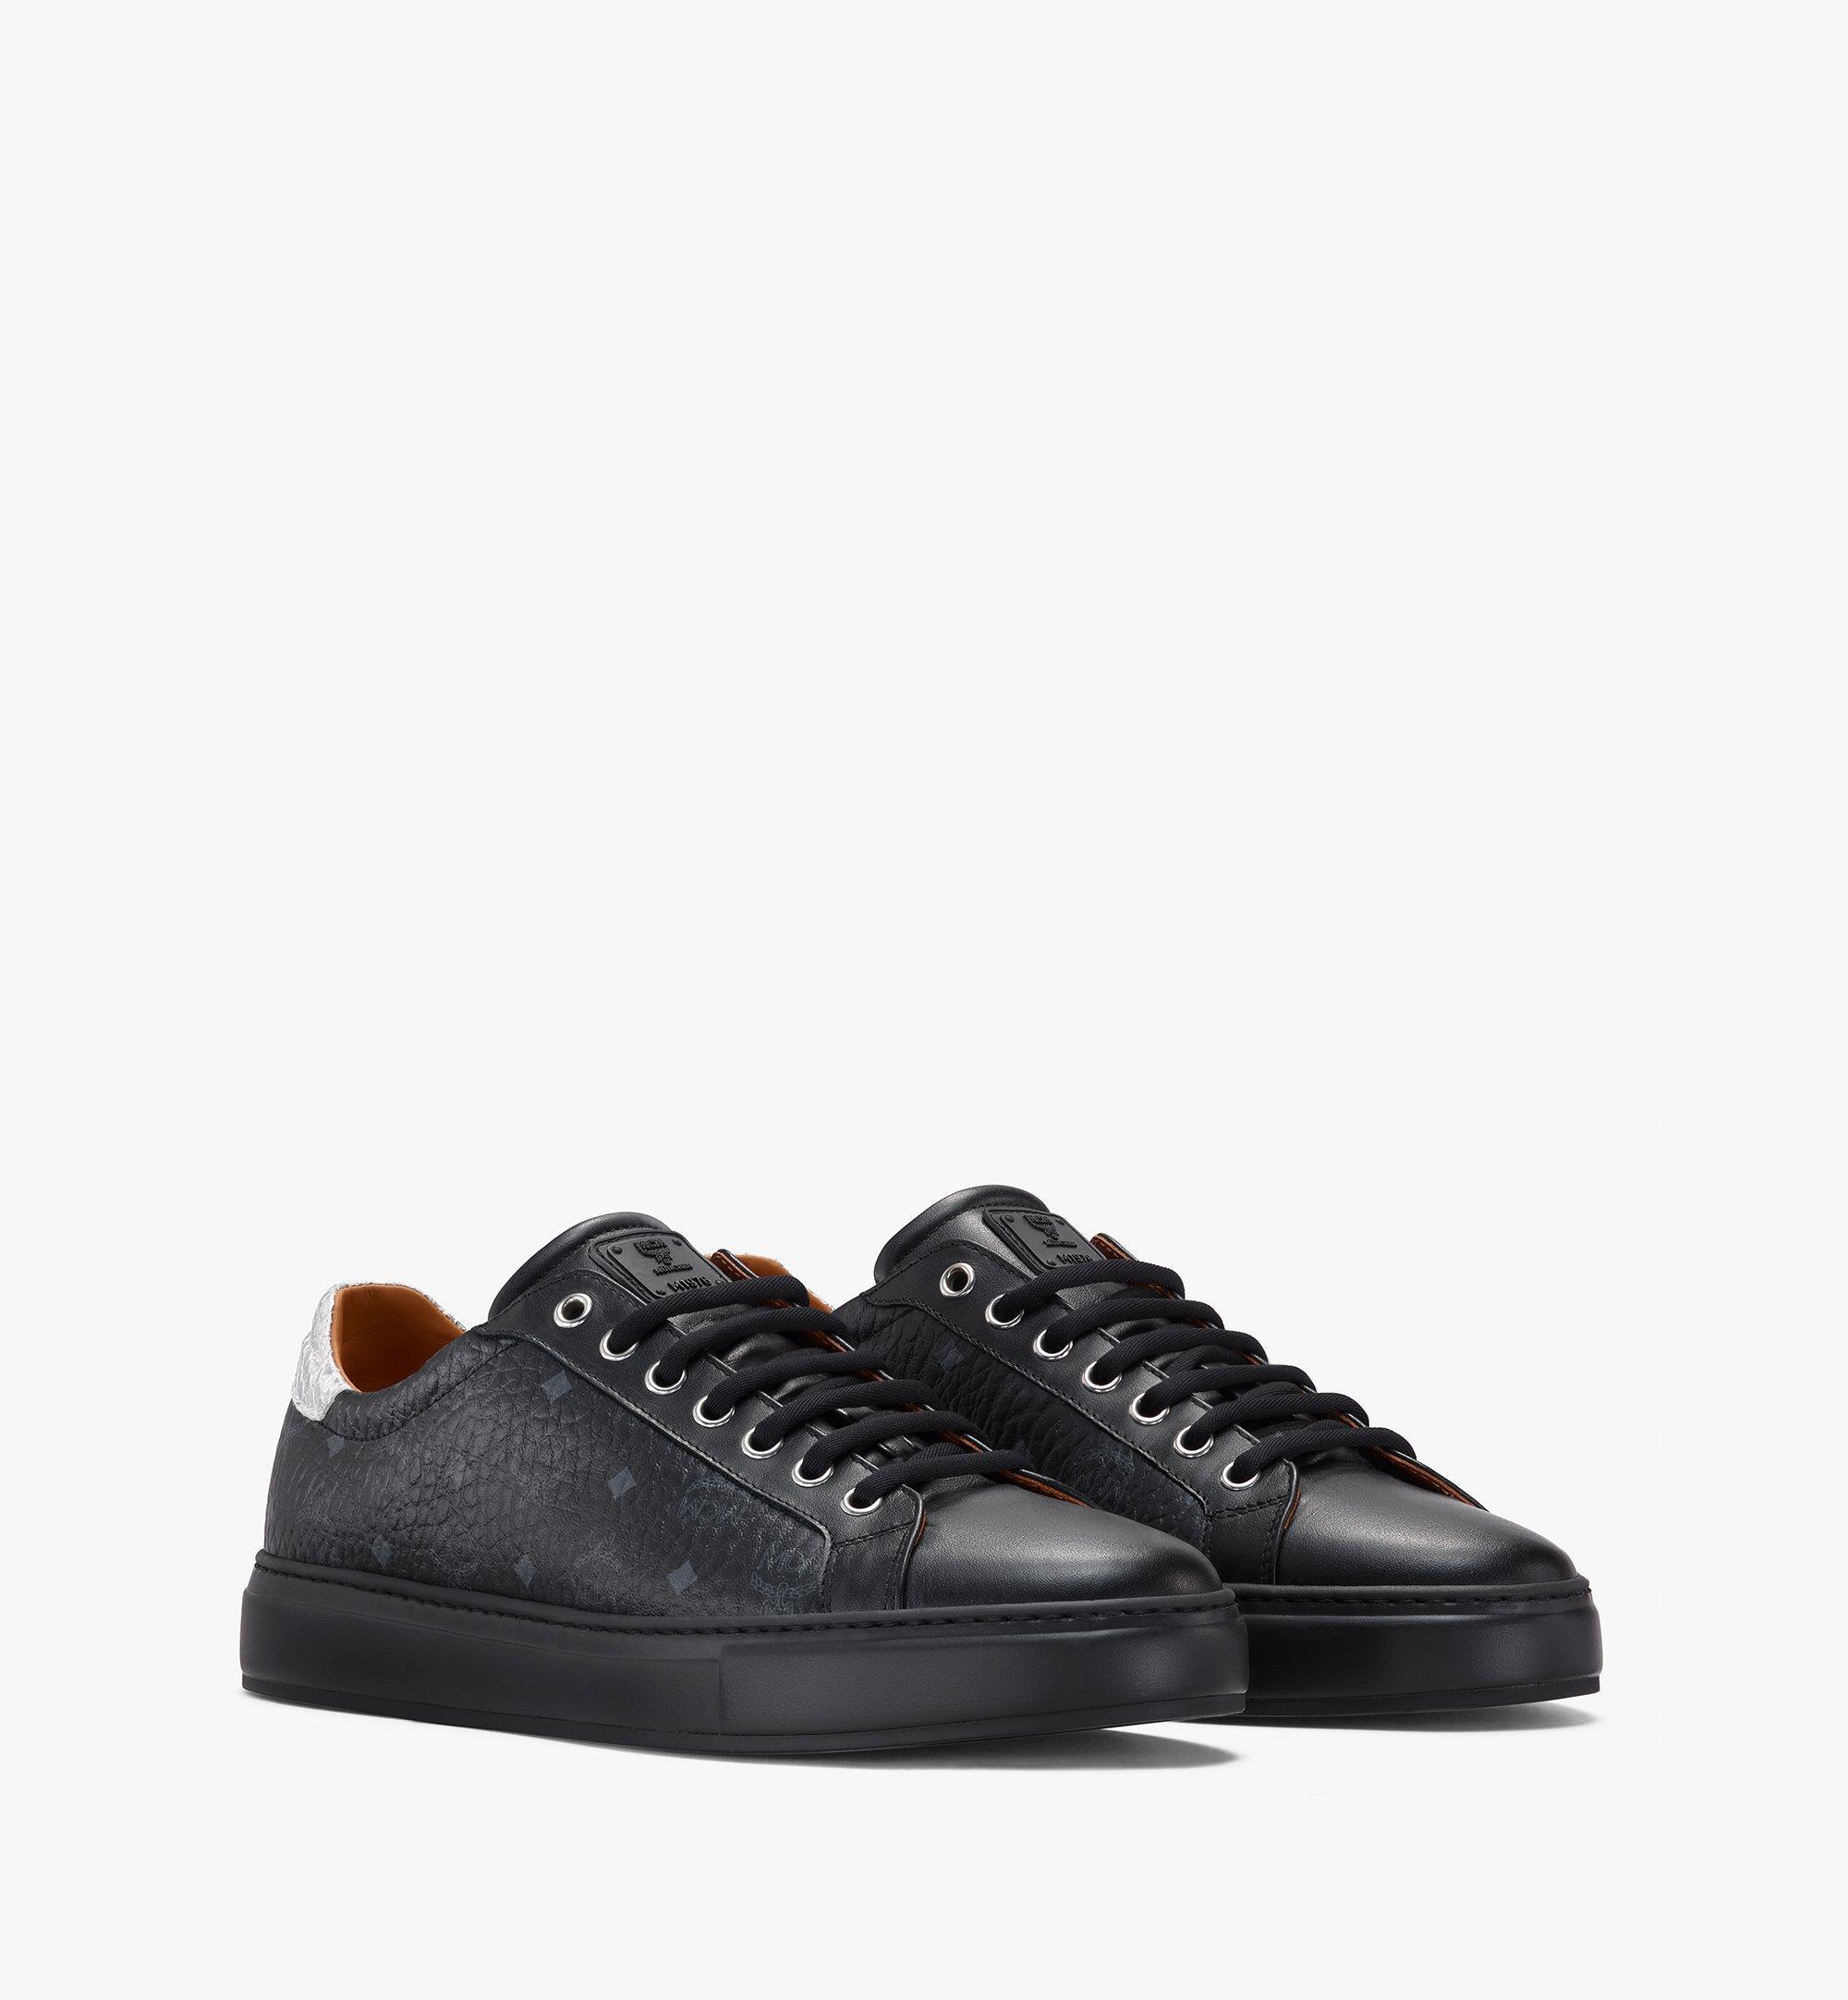 MCM Men's Low-Top Sneakers in Visetos Black MEXASMM10BK044 Alternate View 1